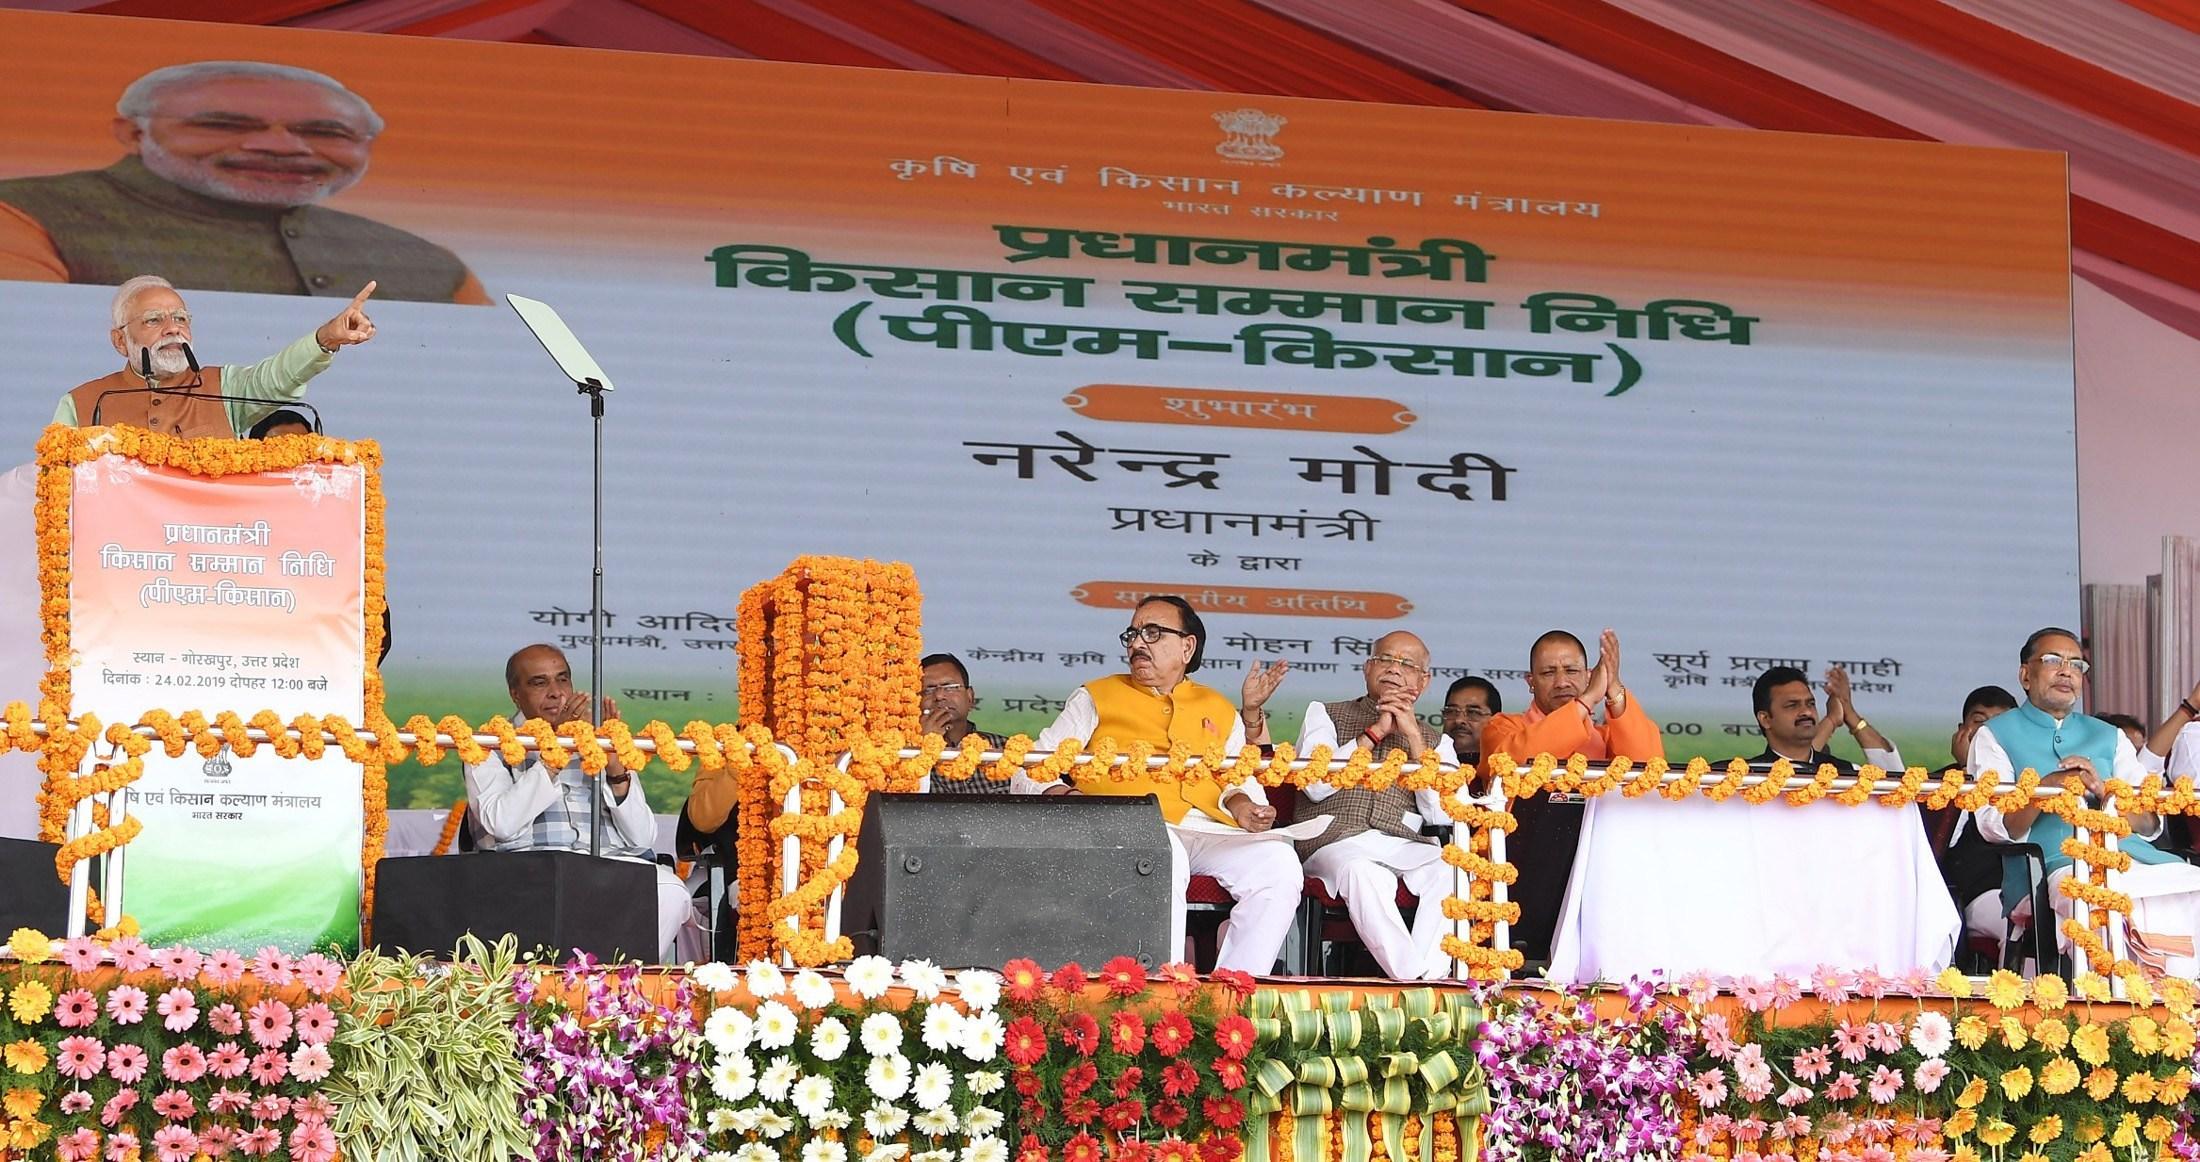 اتر پردیش کے گورکھپور میں 24 فروری 2019 کو پی ایم کسان یوجنا کو لانچ کرتے وزیر اعظم نریندر مودی(فوٹو بہ شکریہ: پی آئی بی)